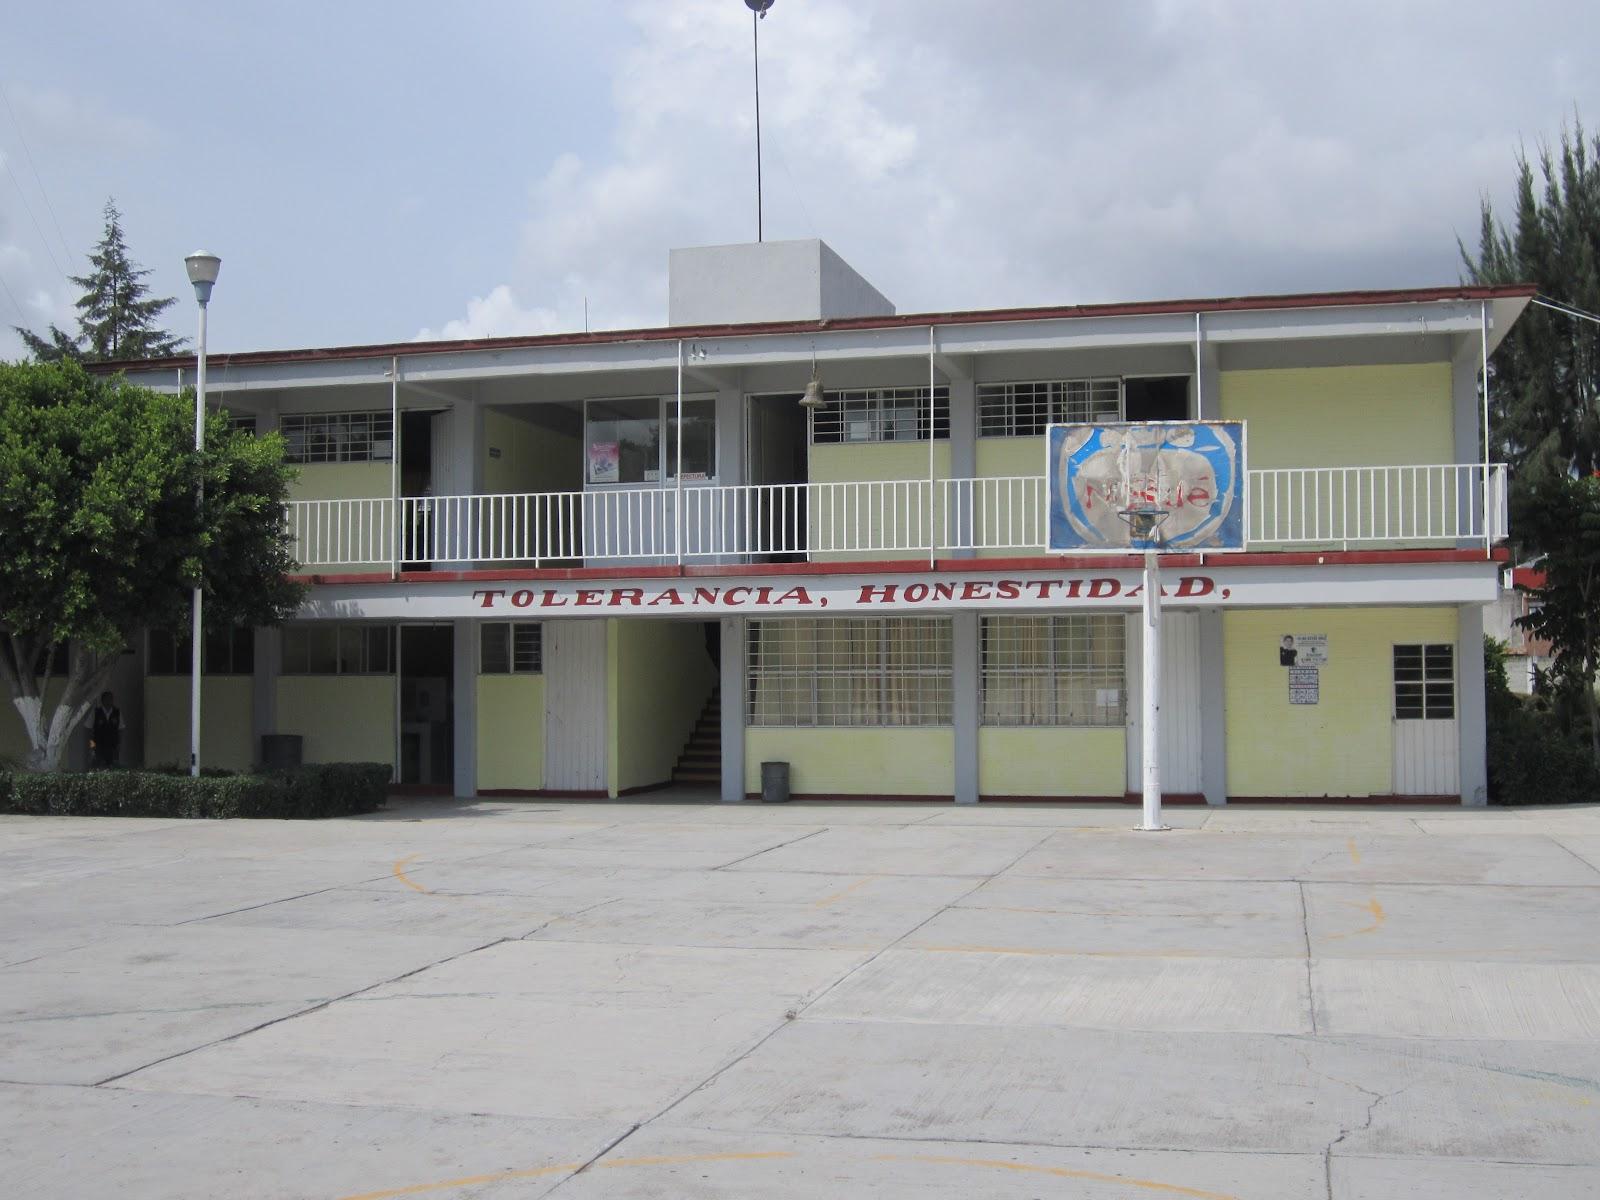 Zona escolar 010 puebla poniente de educacion secundaria for A que zona escolar pertenece mi escuela